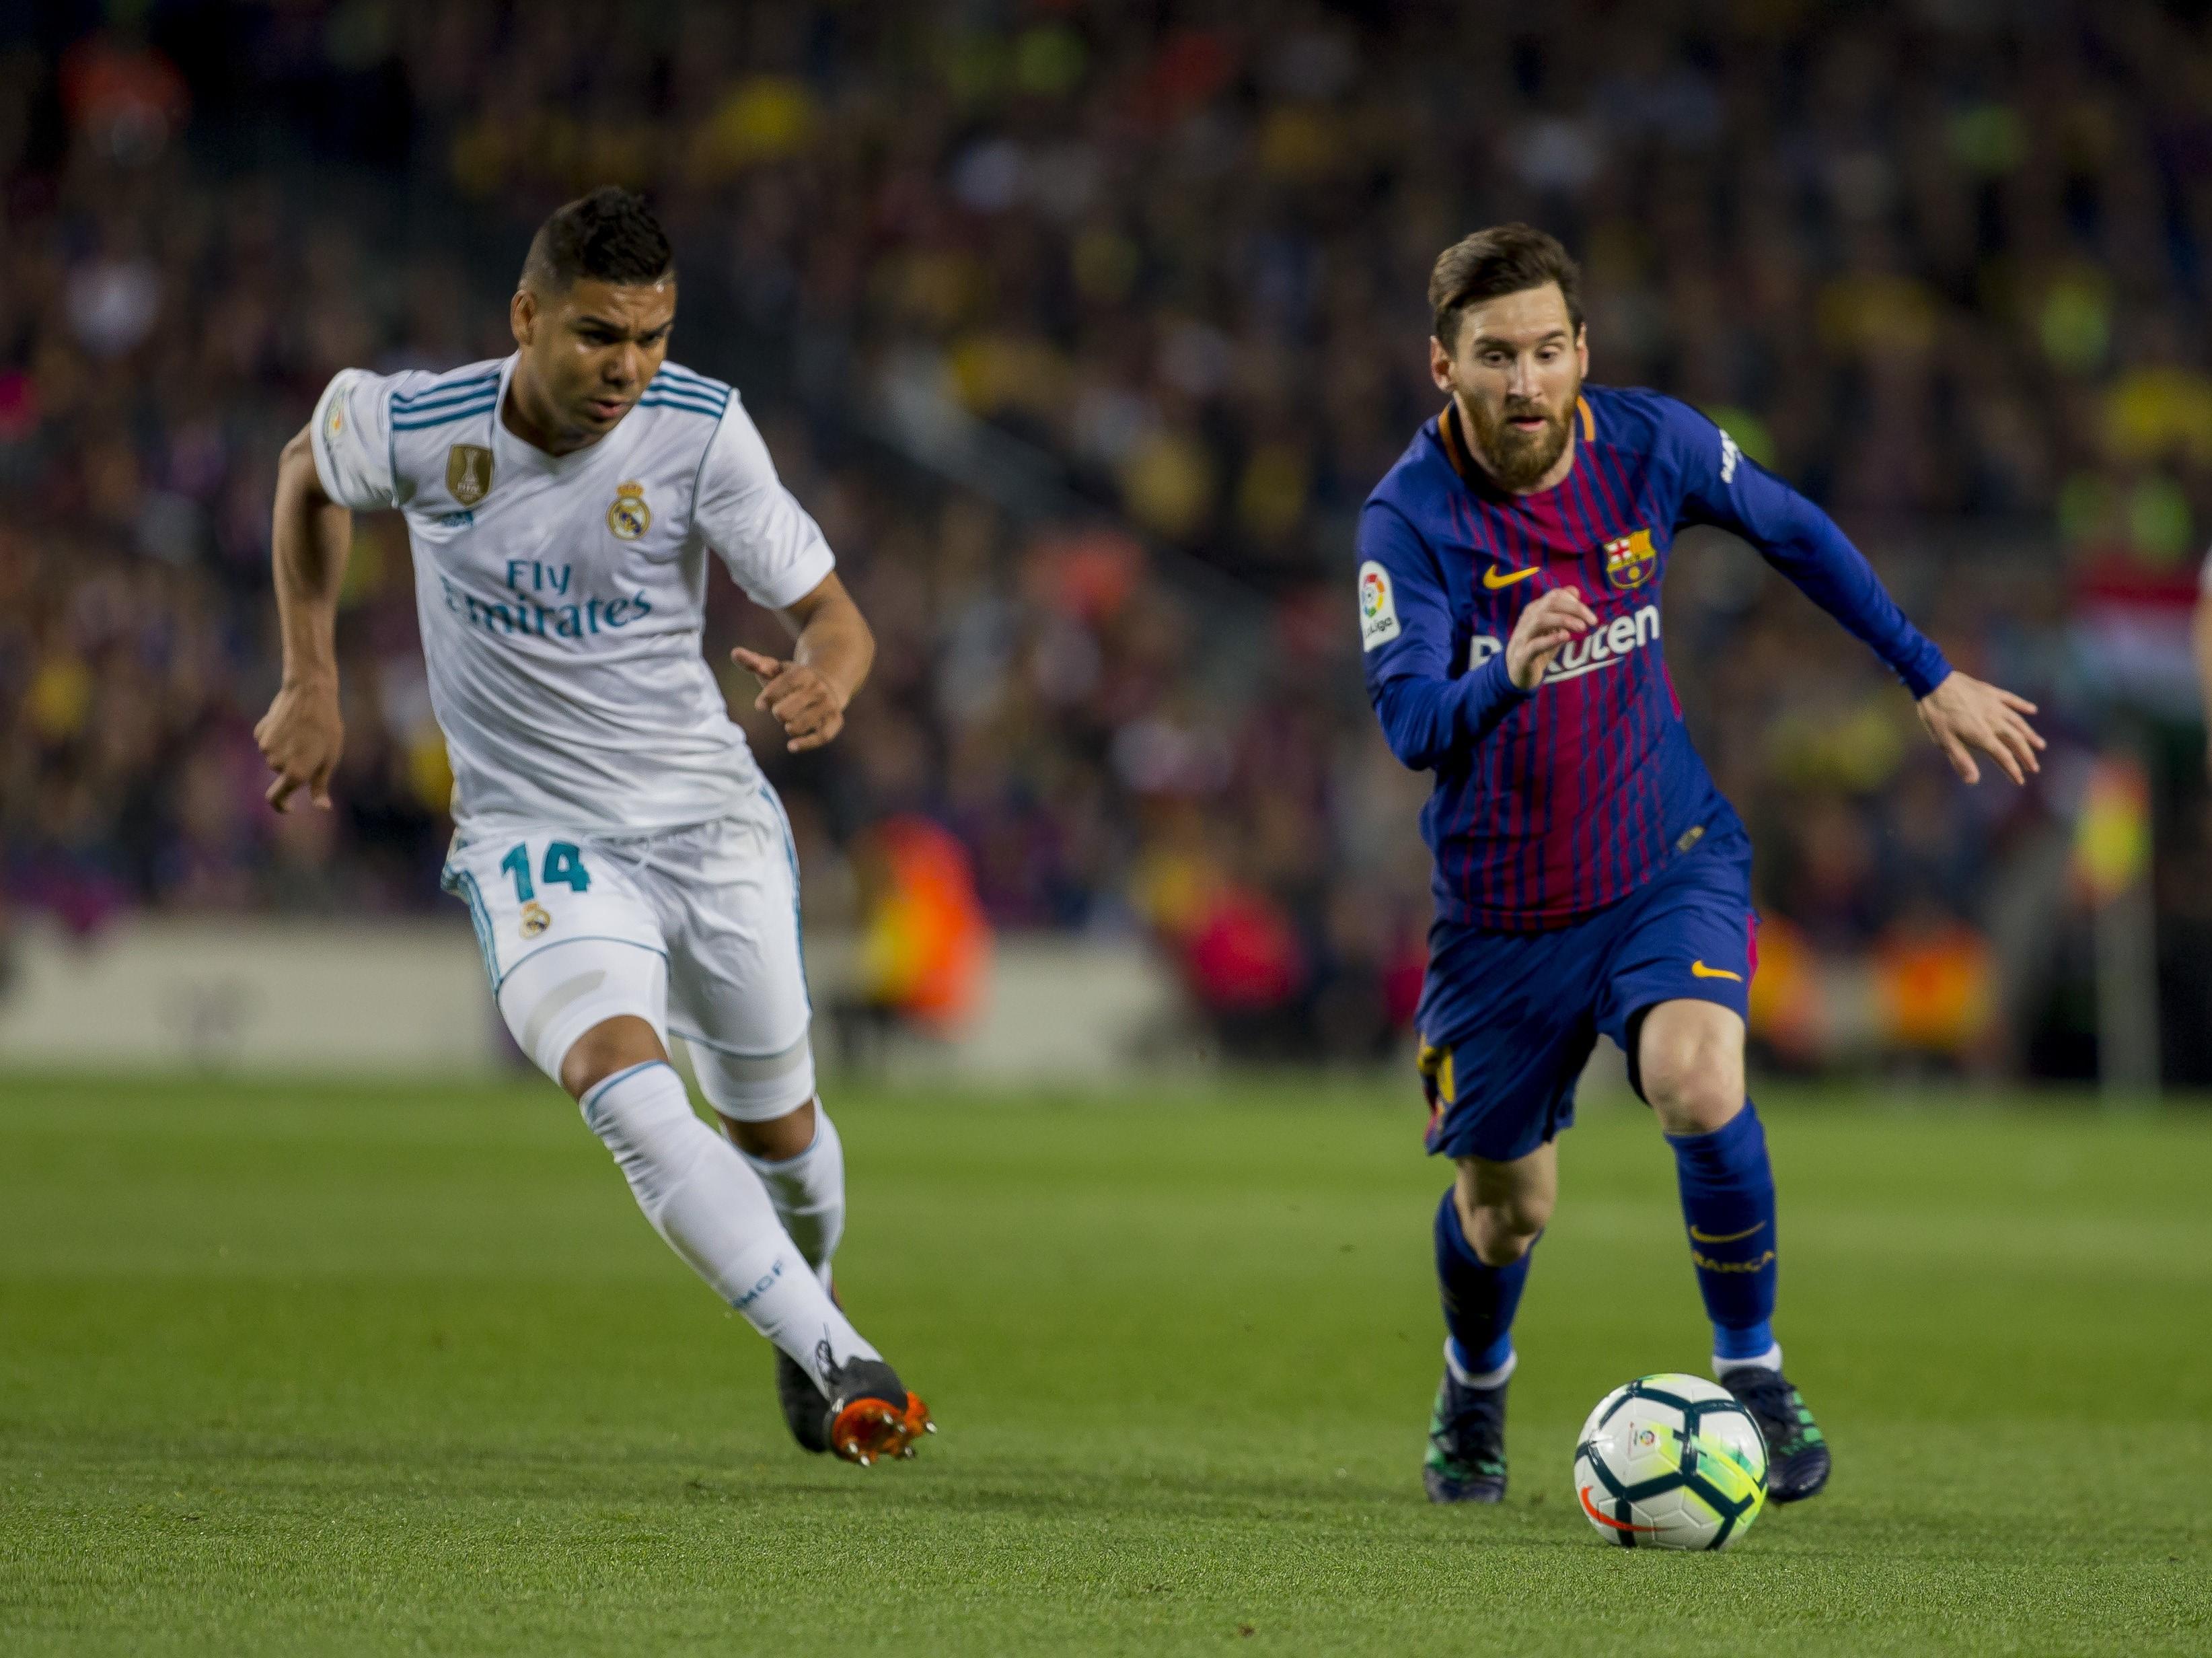 Milliárdokat költött rá a TV2, mégse lehet spanyol és olasz meccset nézni a hétvégén